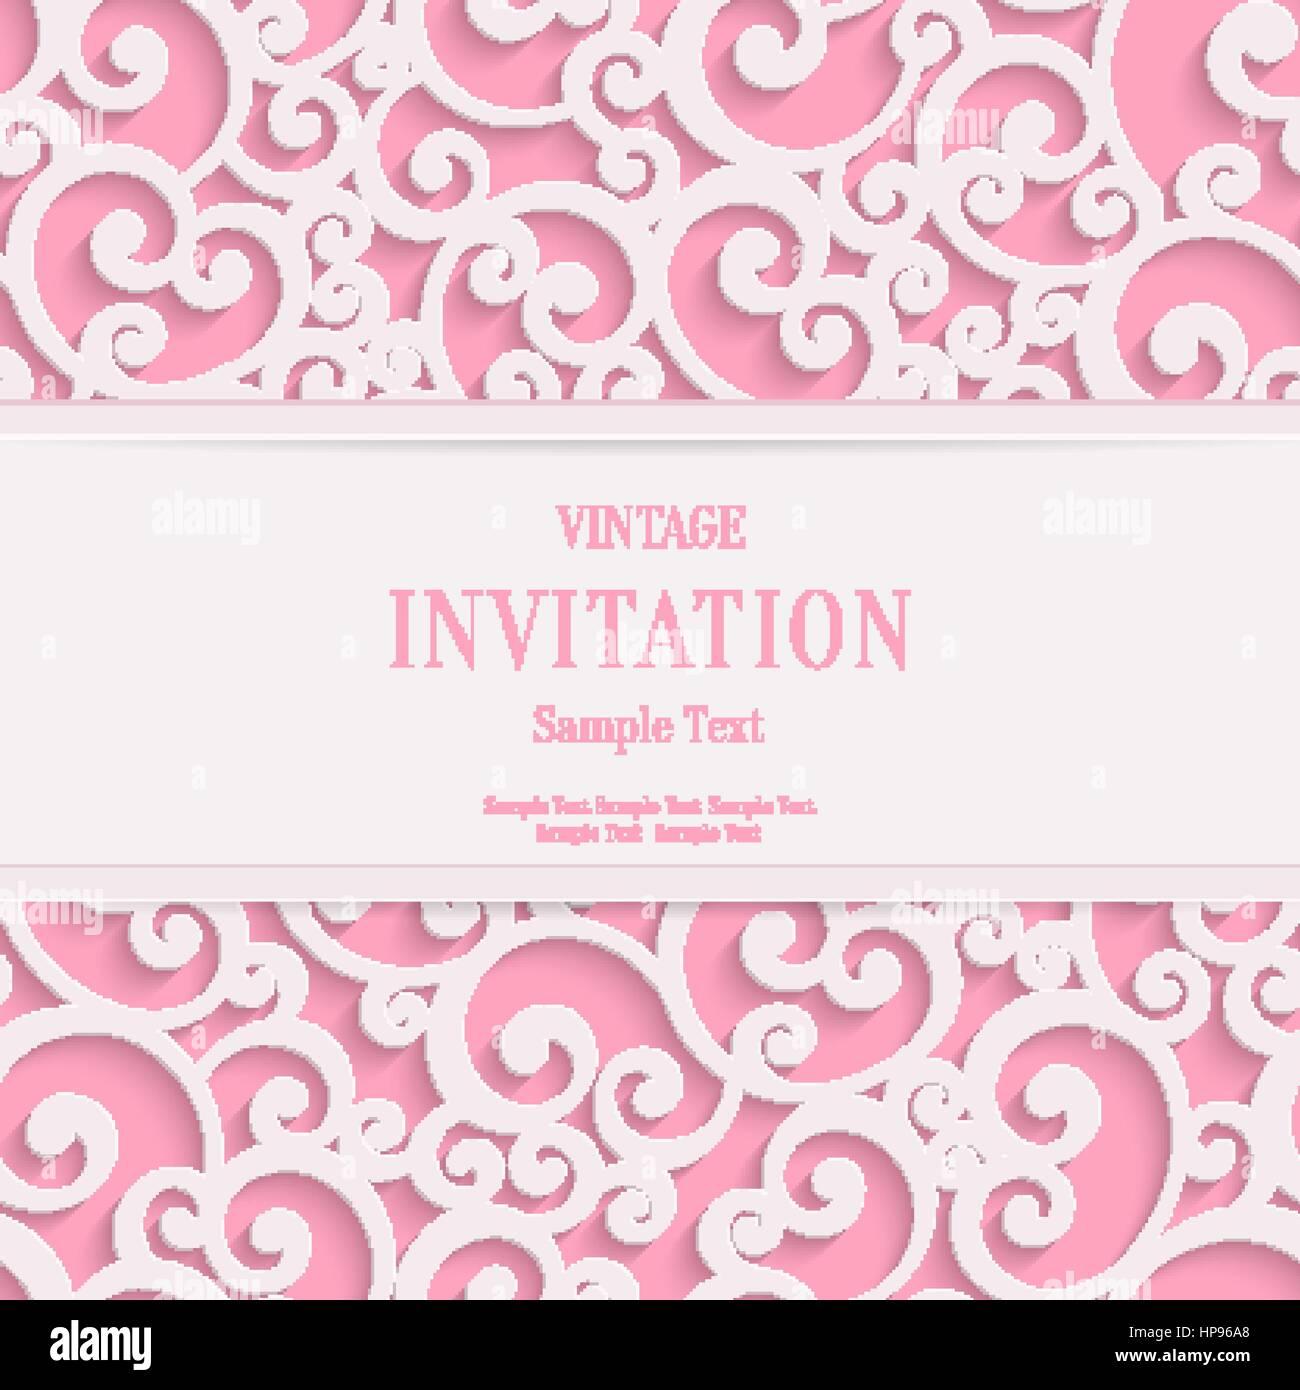 Vektor Abbildung   Vektor Swirl Rosa 3d Valentines Oder Hochzeit Einladung  Karten Hintergrund Mit Curl Muster Damast